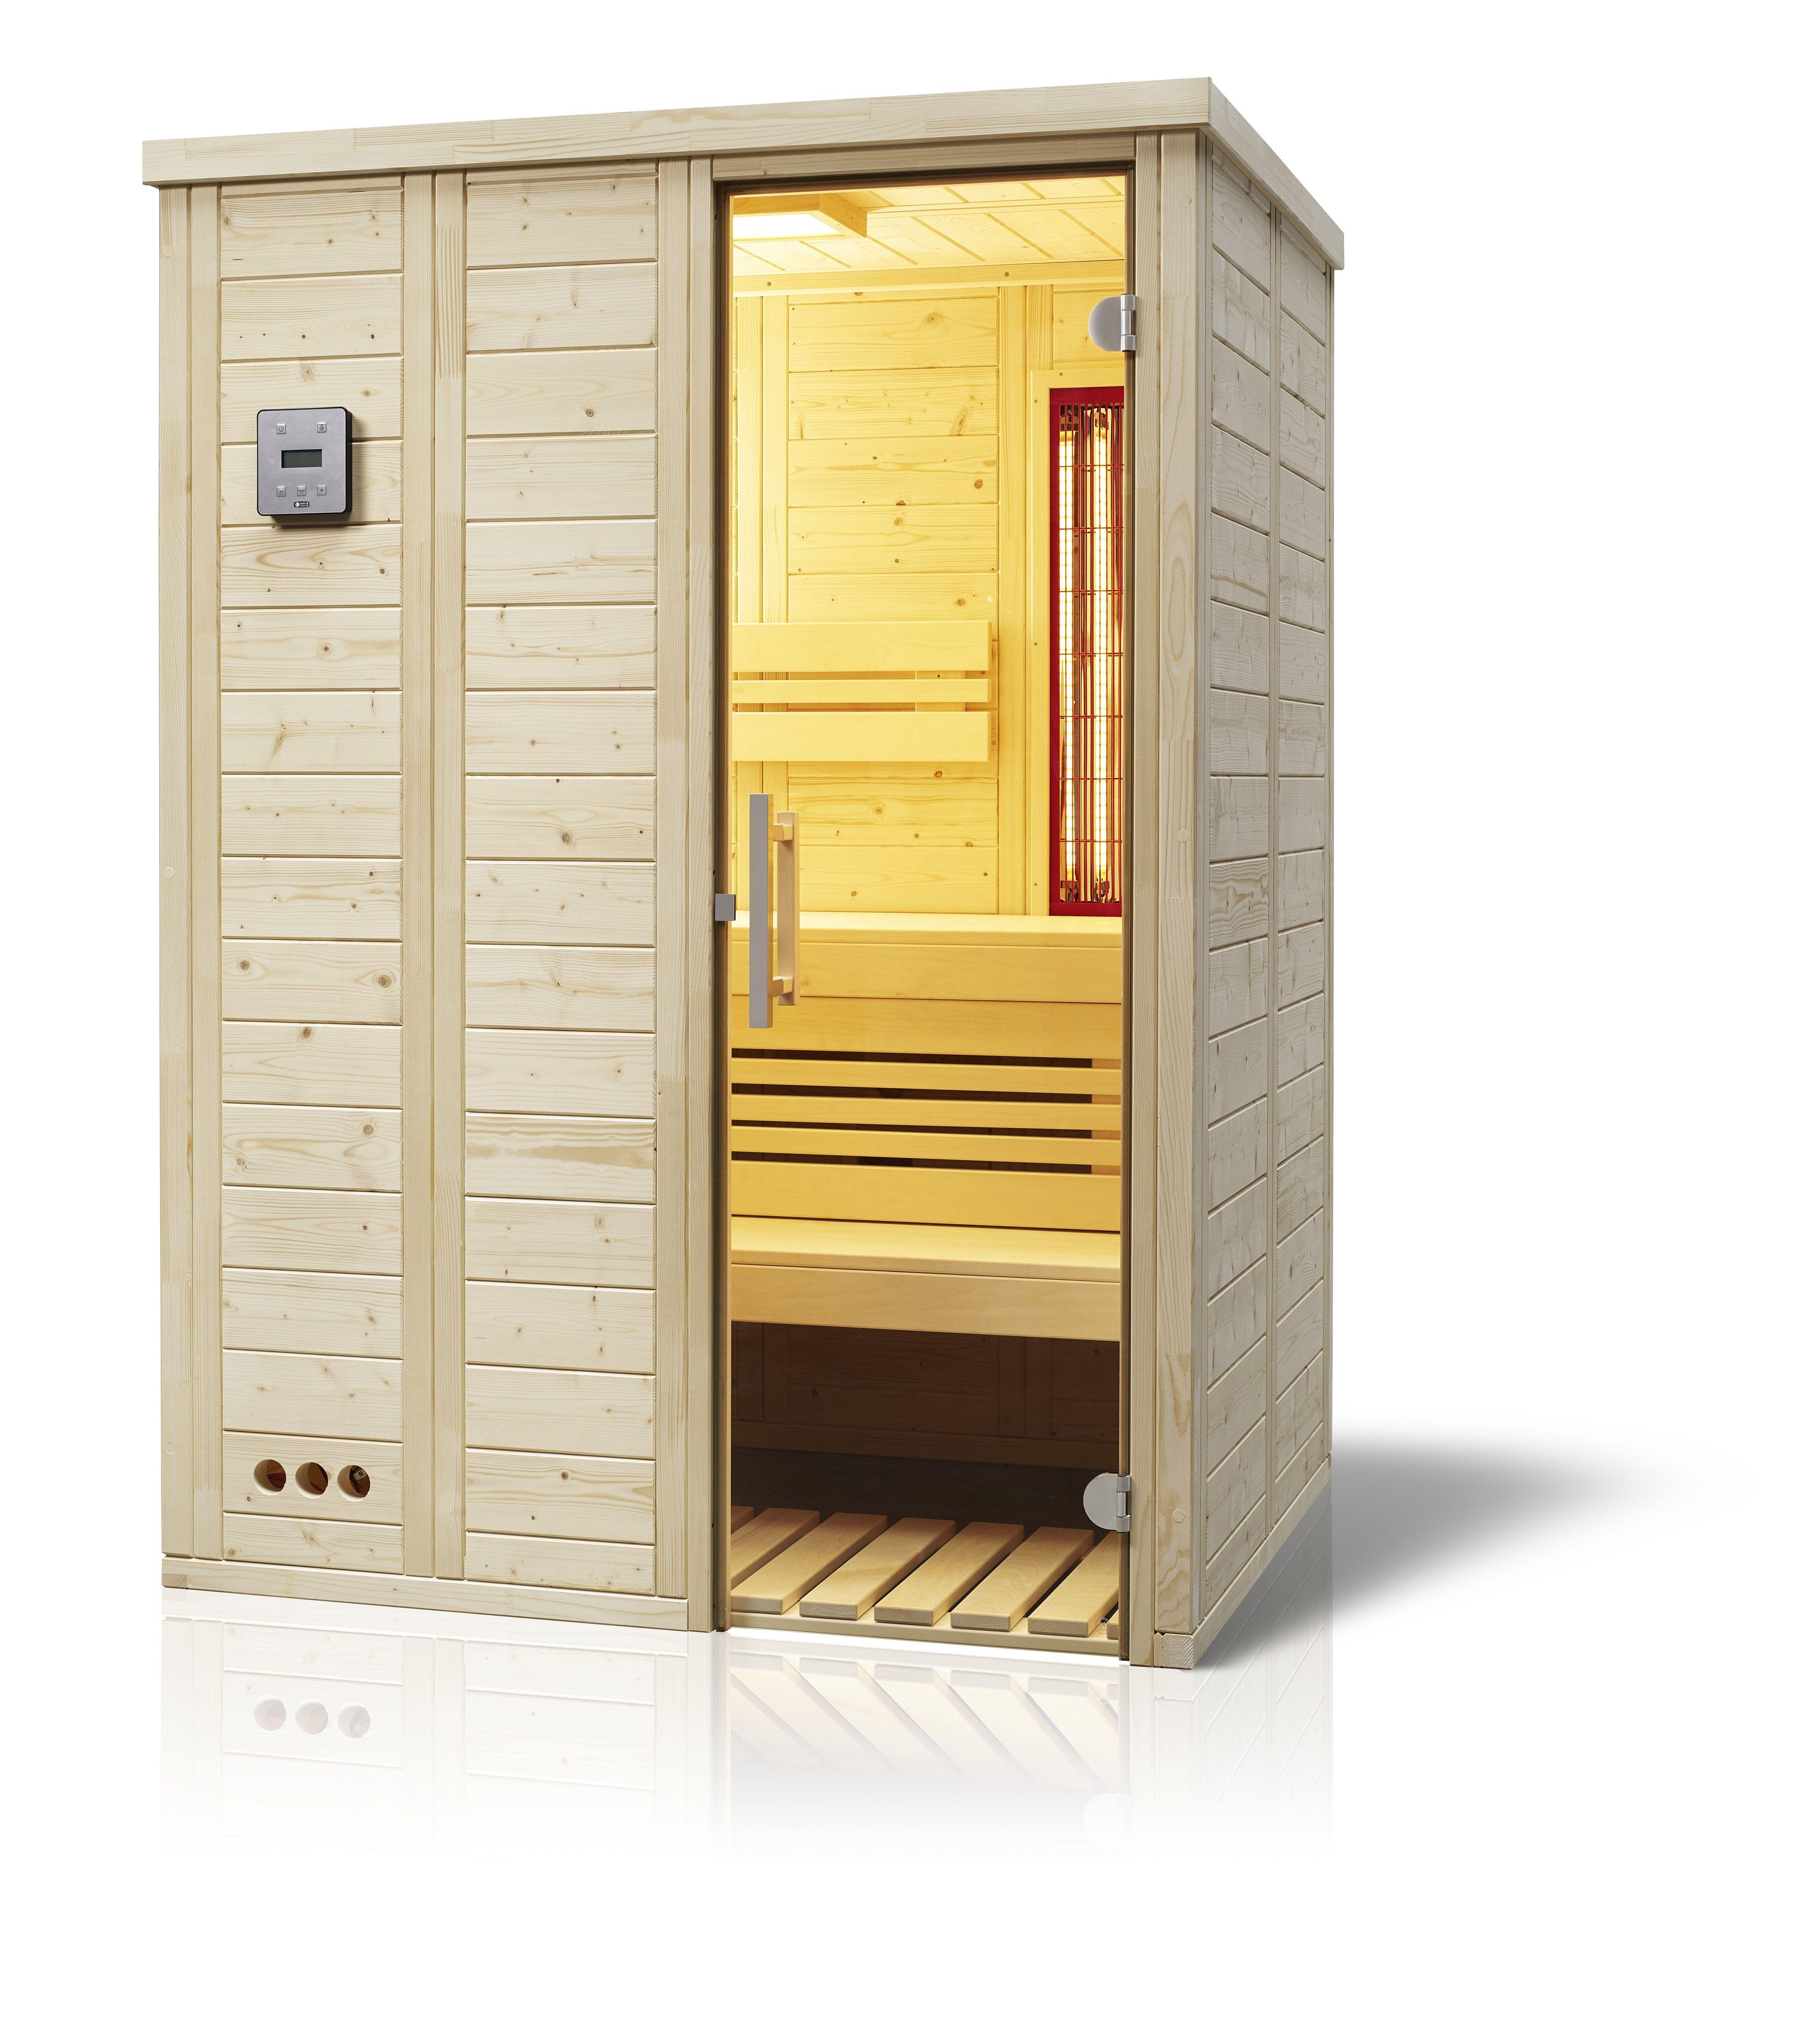 Sauna Vitalis 148 Complete Schliessfacher Saunaofen Moderne Turgriffe